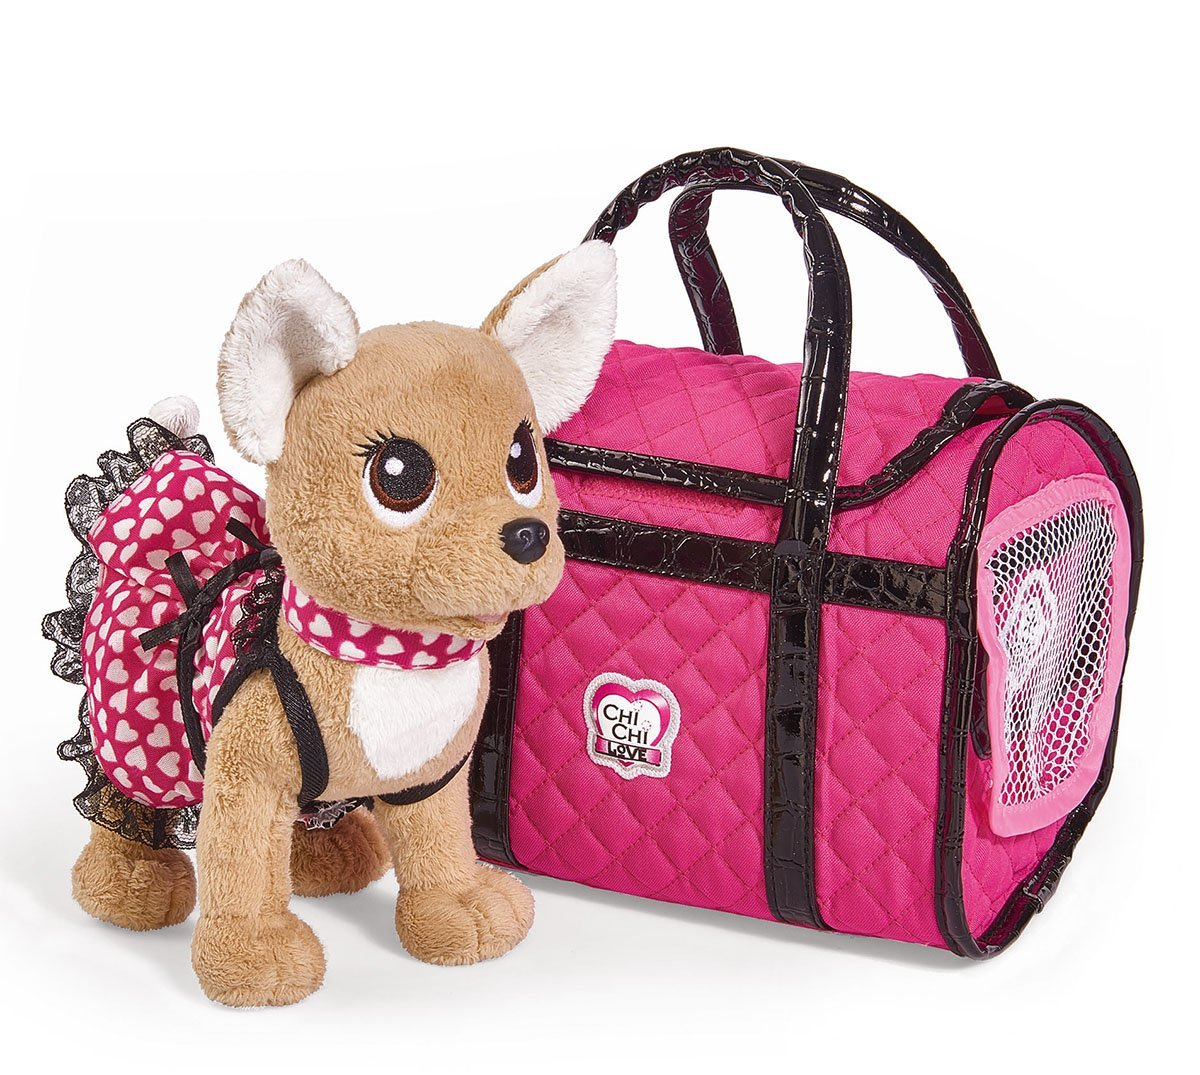 Купить Плюшевая собачка с сумкой из серии Chi-Chi love - Париж 2, 20 см., в платье, светящемся в темноте, Simba